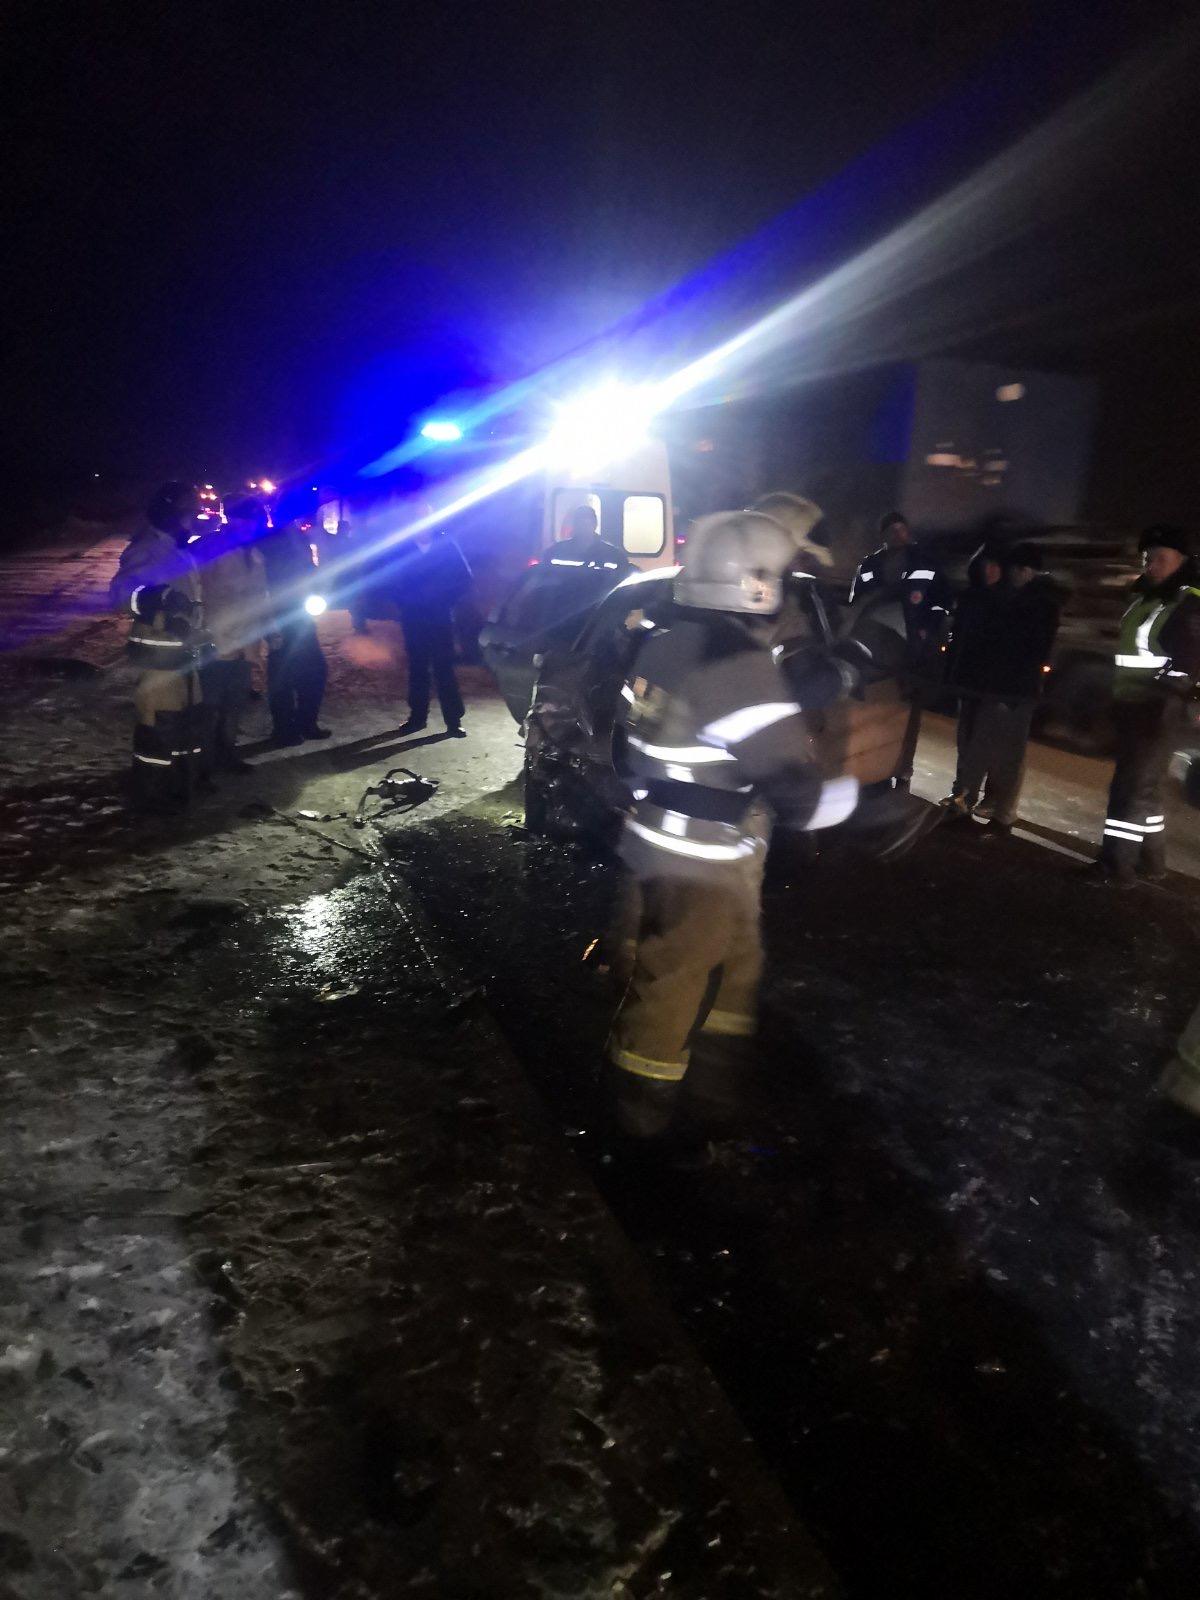 Пострадавших пришлось извлекать из покореженных автомобилей